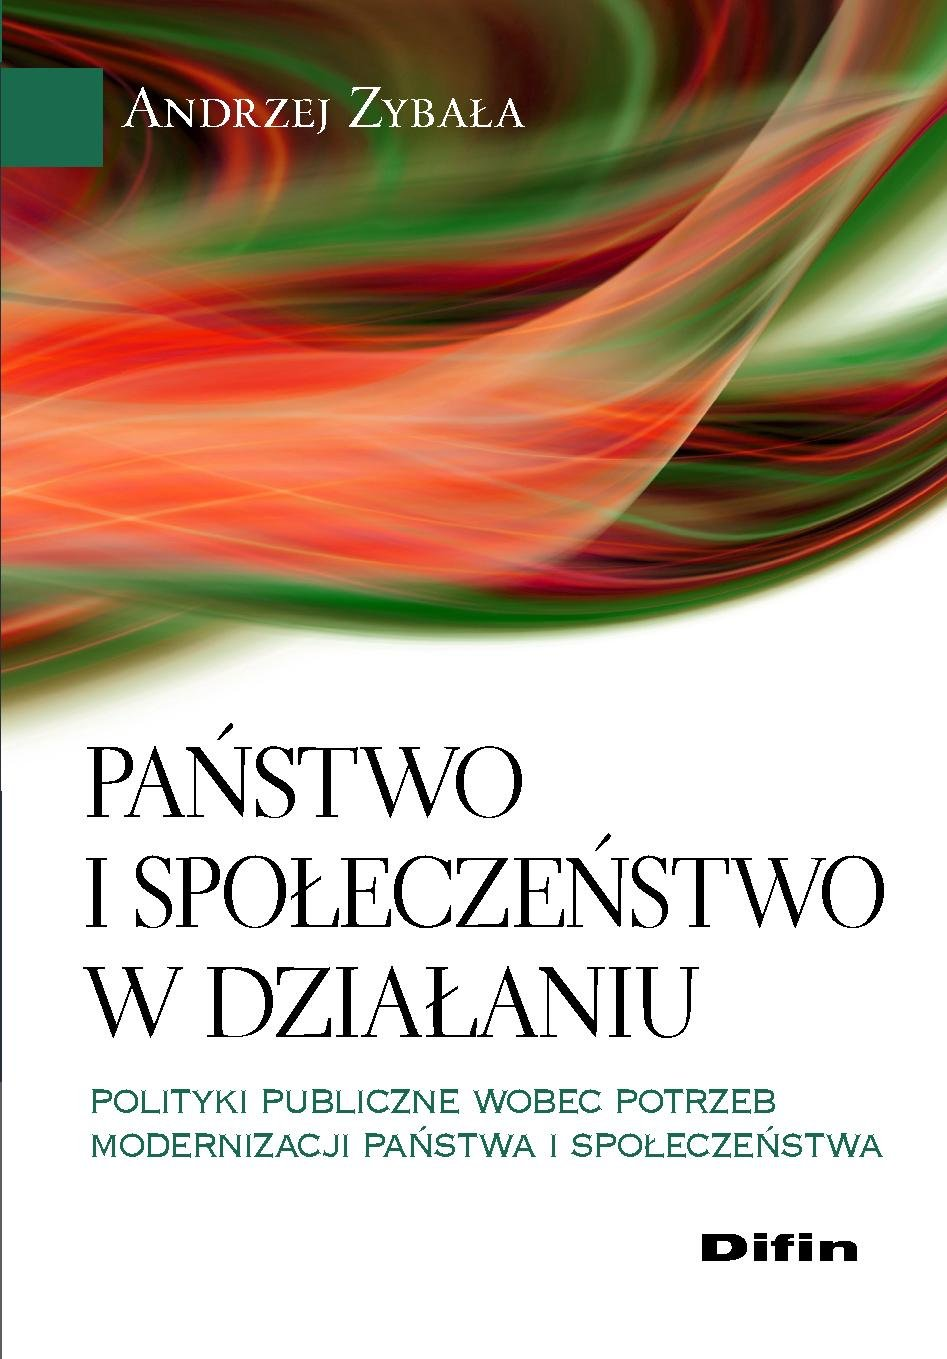 Państwo i społeczeństwo w działaniu. Polityki publiczne wobec potrzeb modernizacji państwa i społeczeństwa - Ebook (Książka na Kindle) do pobrania w formacie MOBI